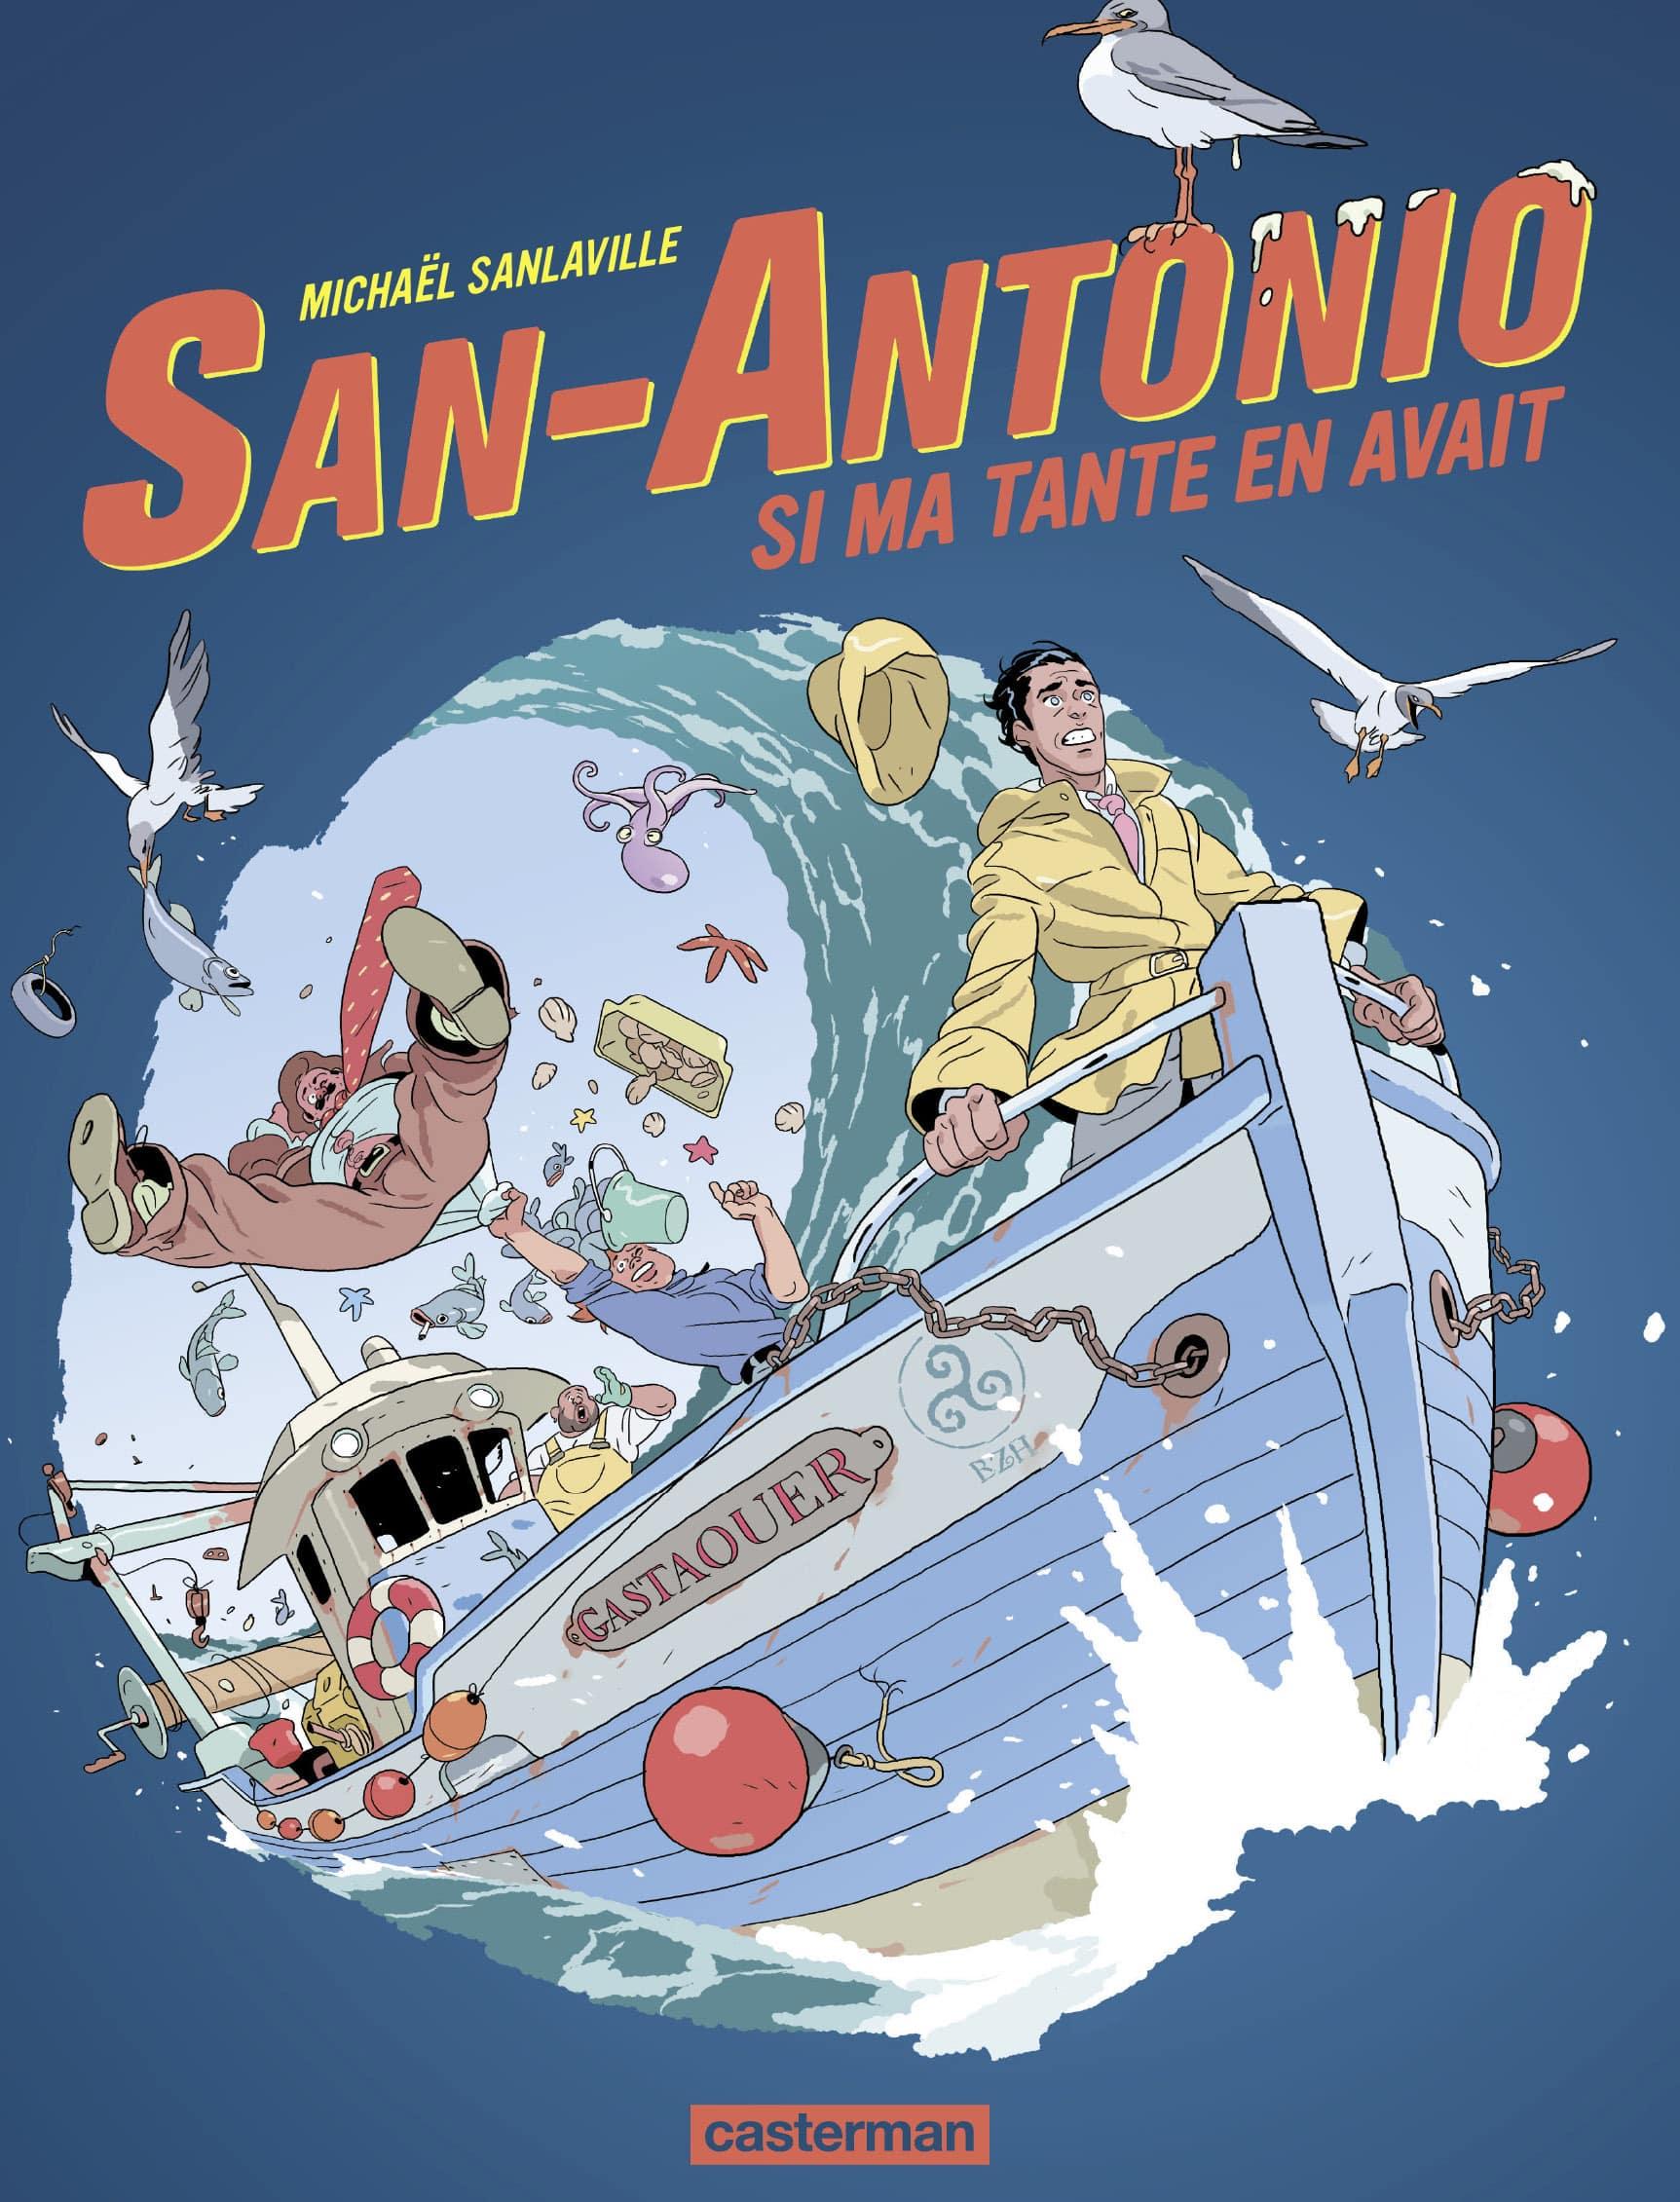 San-Antonio: Si ma tante en avait